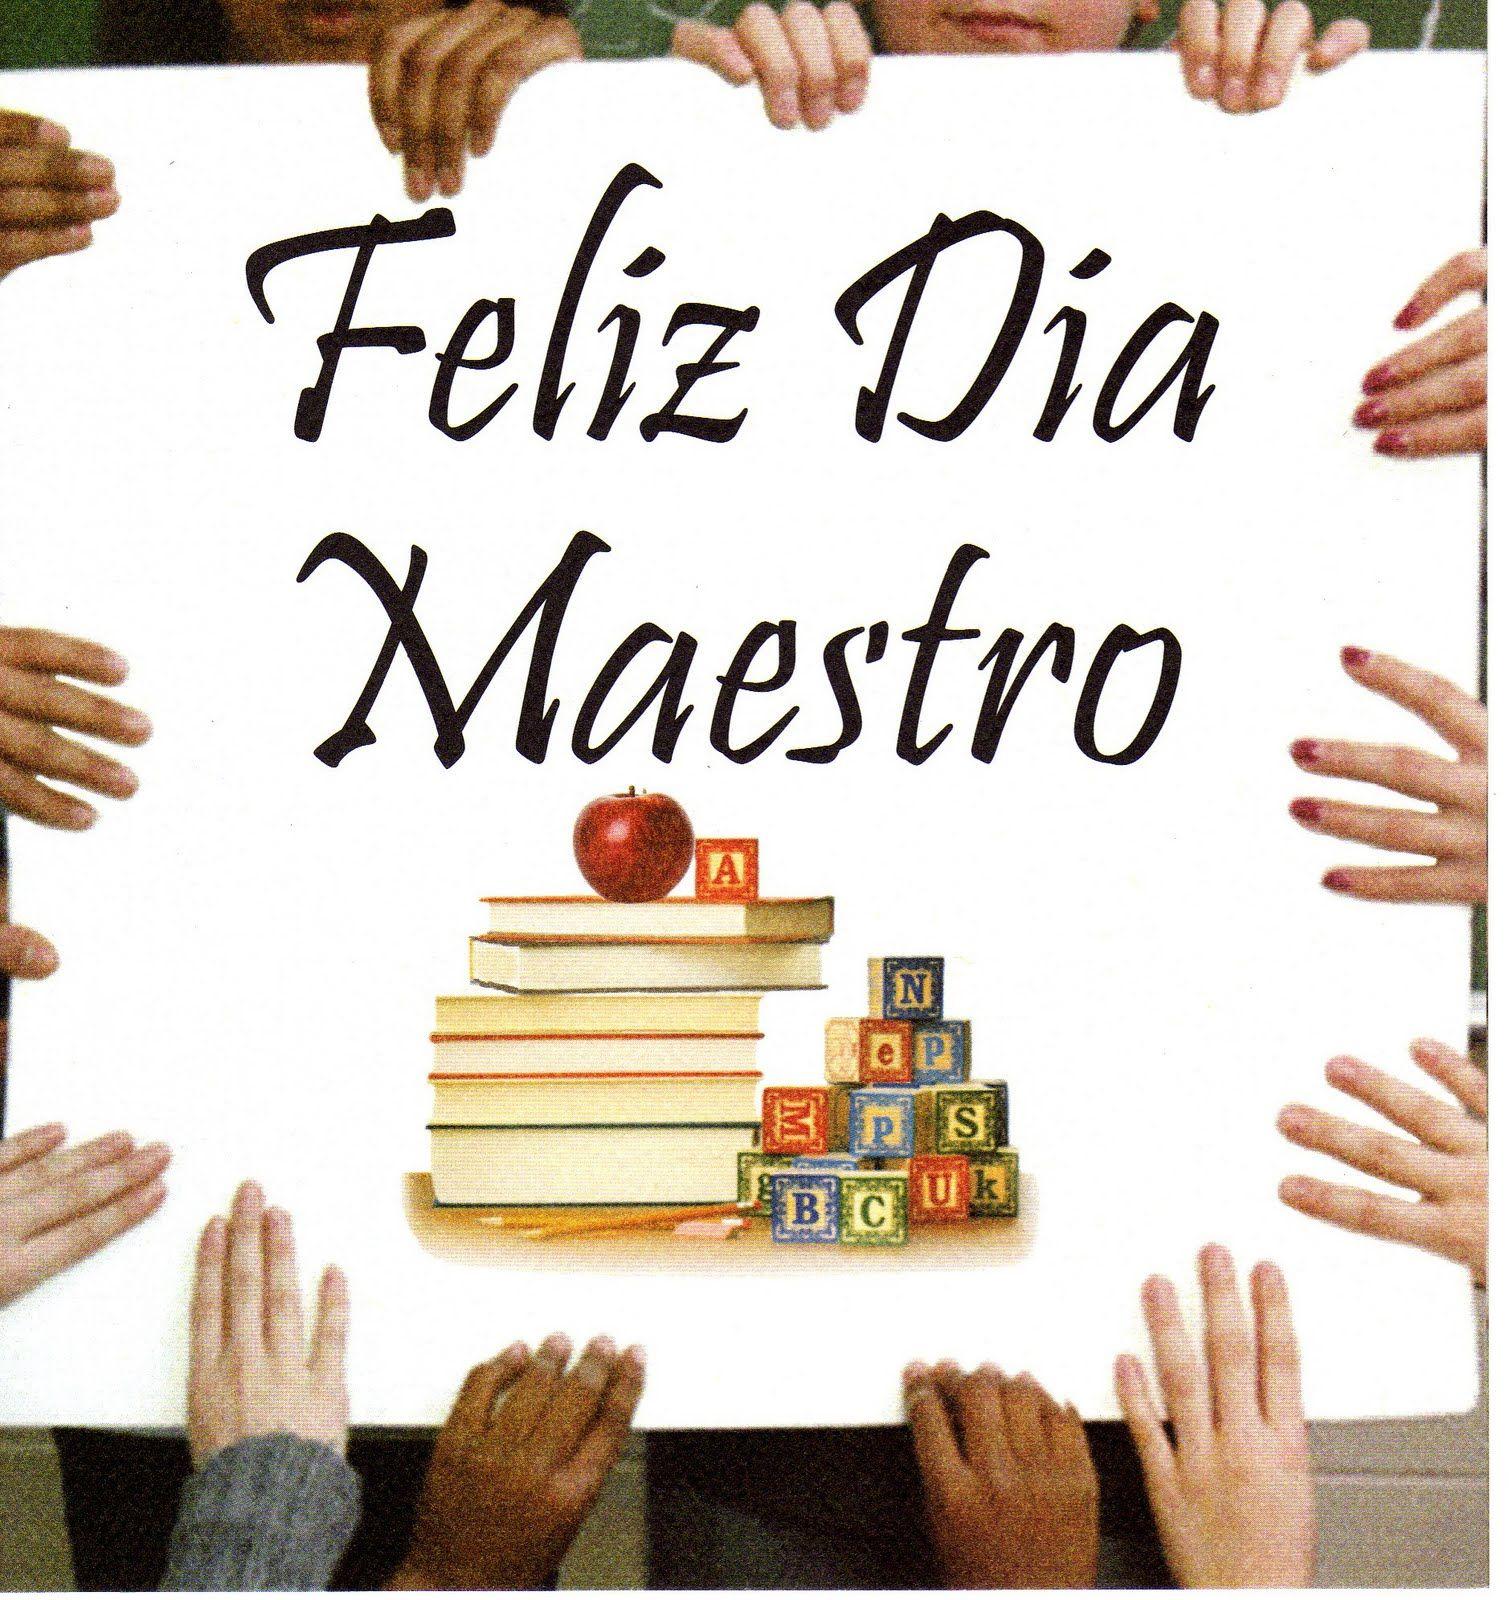 15 Mayo Dia Del Maestro Dia De Los Maestros Tarjeta De Feliz Dia Del Maestro Feliz Dia Del Maestro